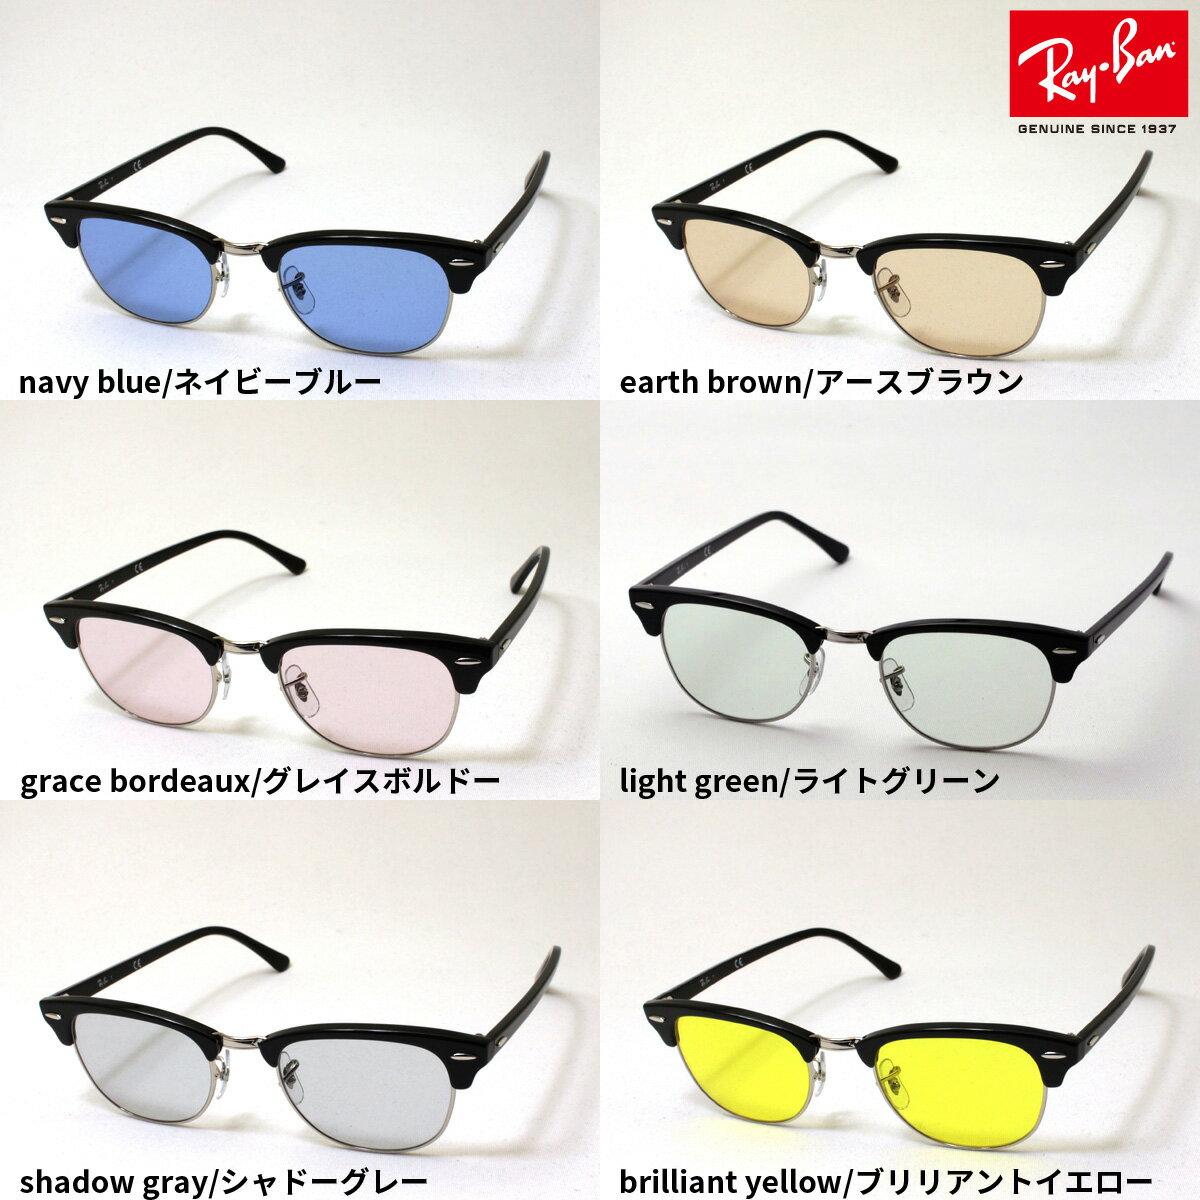 正規レイバン 日本最大級の品揃え レイバン サングラス クラブマスター Ray-Ban RX5154 2000 世界最高峰レンズメーカーHOYA製 ライトカラー レディース メンズ カラーレンズサングラス ブルーレンズ サングラス メガネ メガネフレーム RayBan light color ブロー